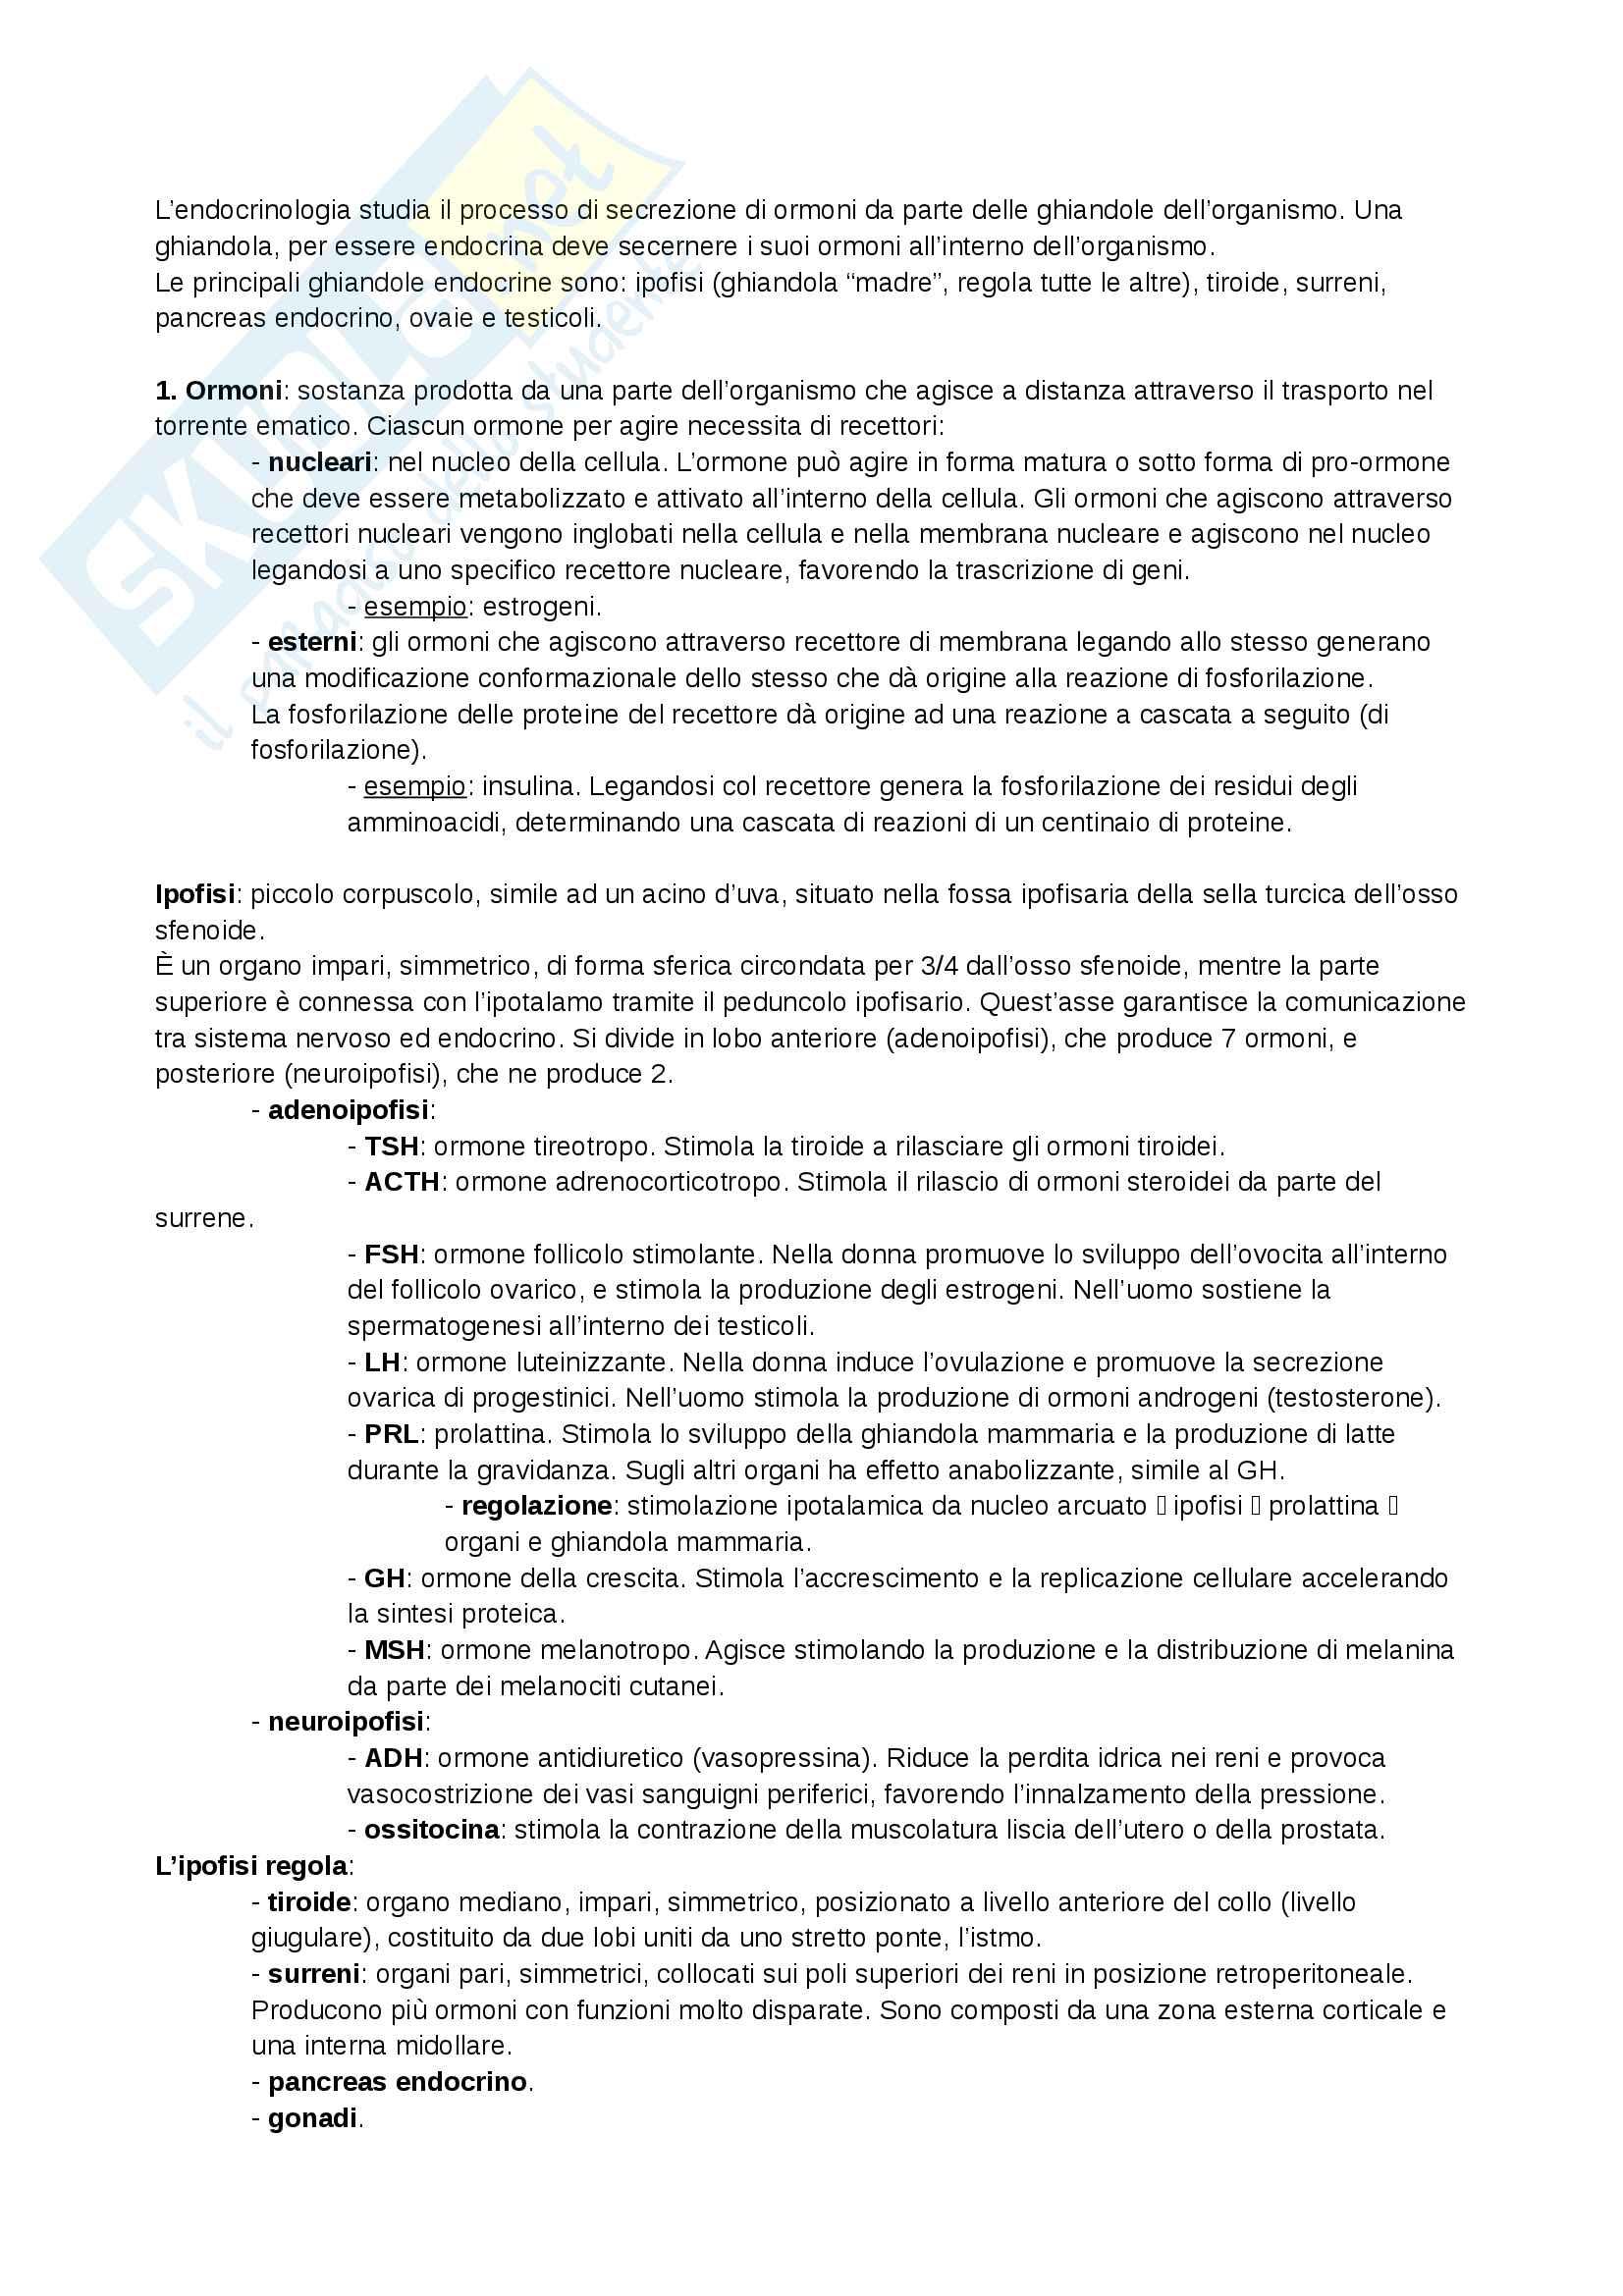 Appunti e slide - Medicina sportiva